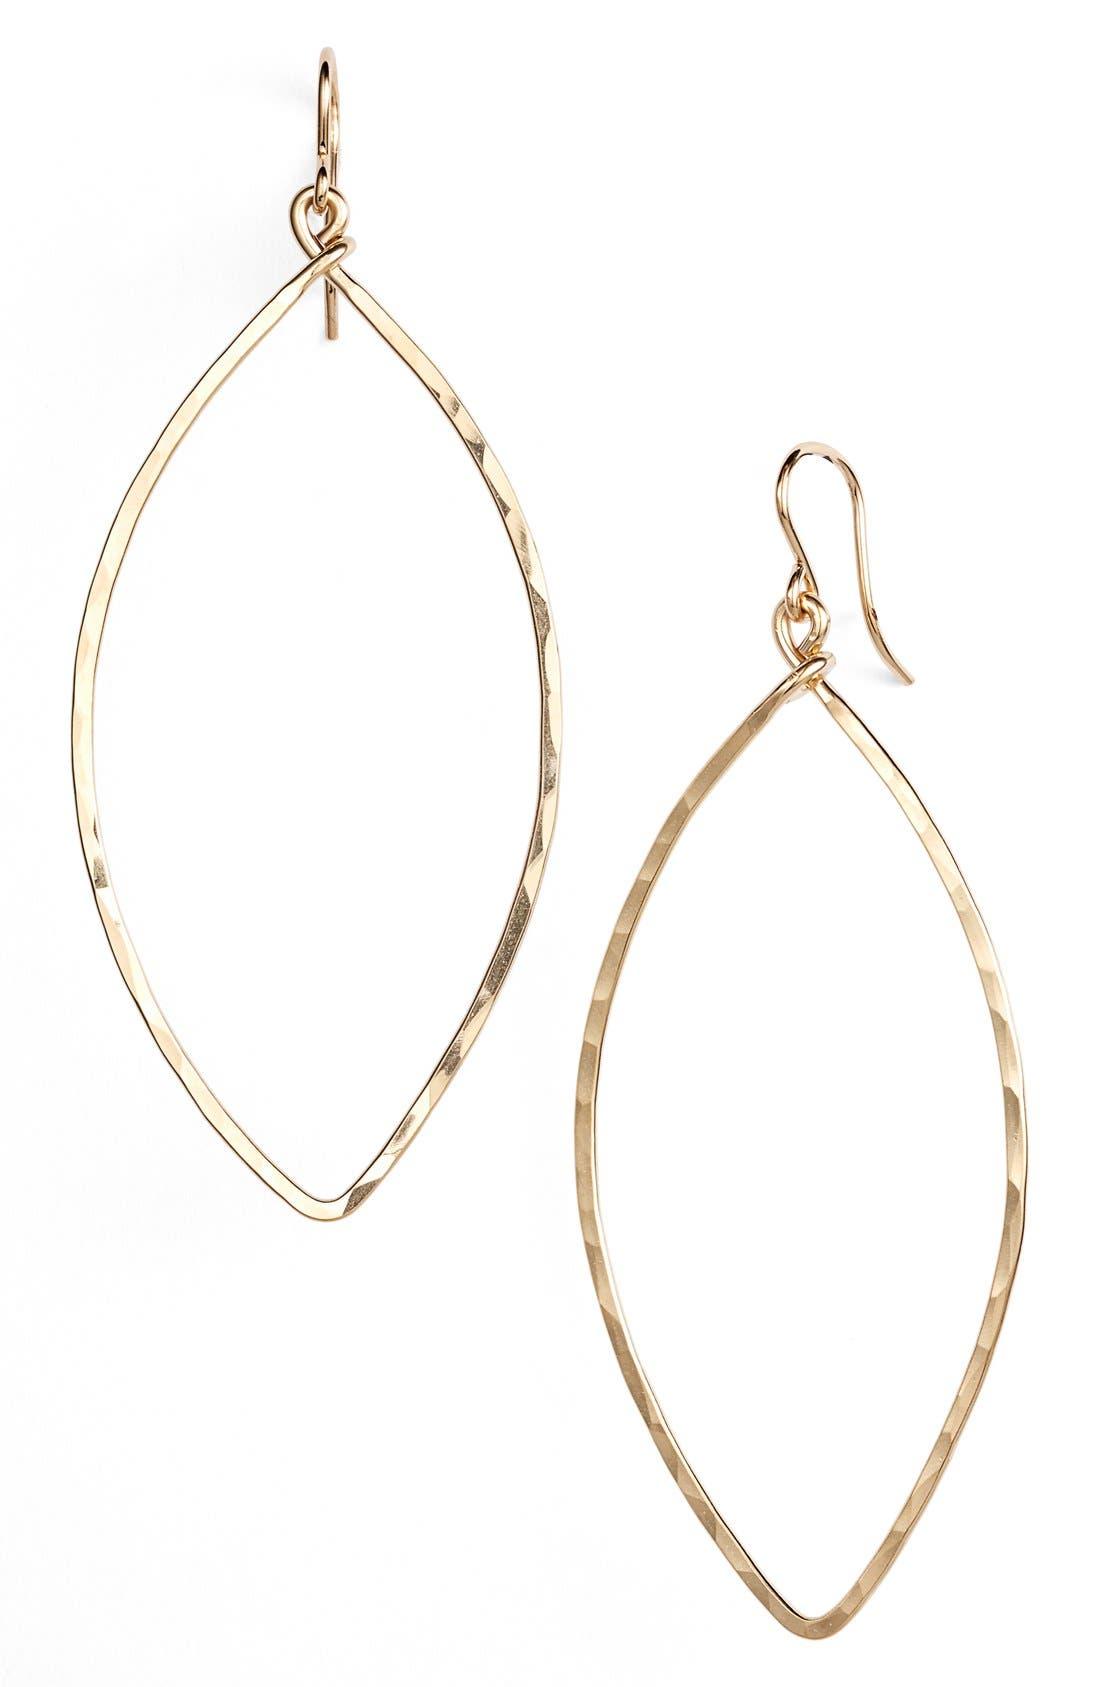 Main Image - Nashelle Ija Oblong Hoop Earrings